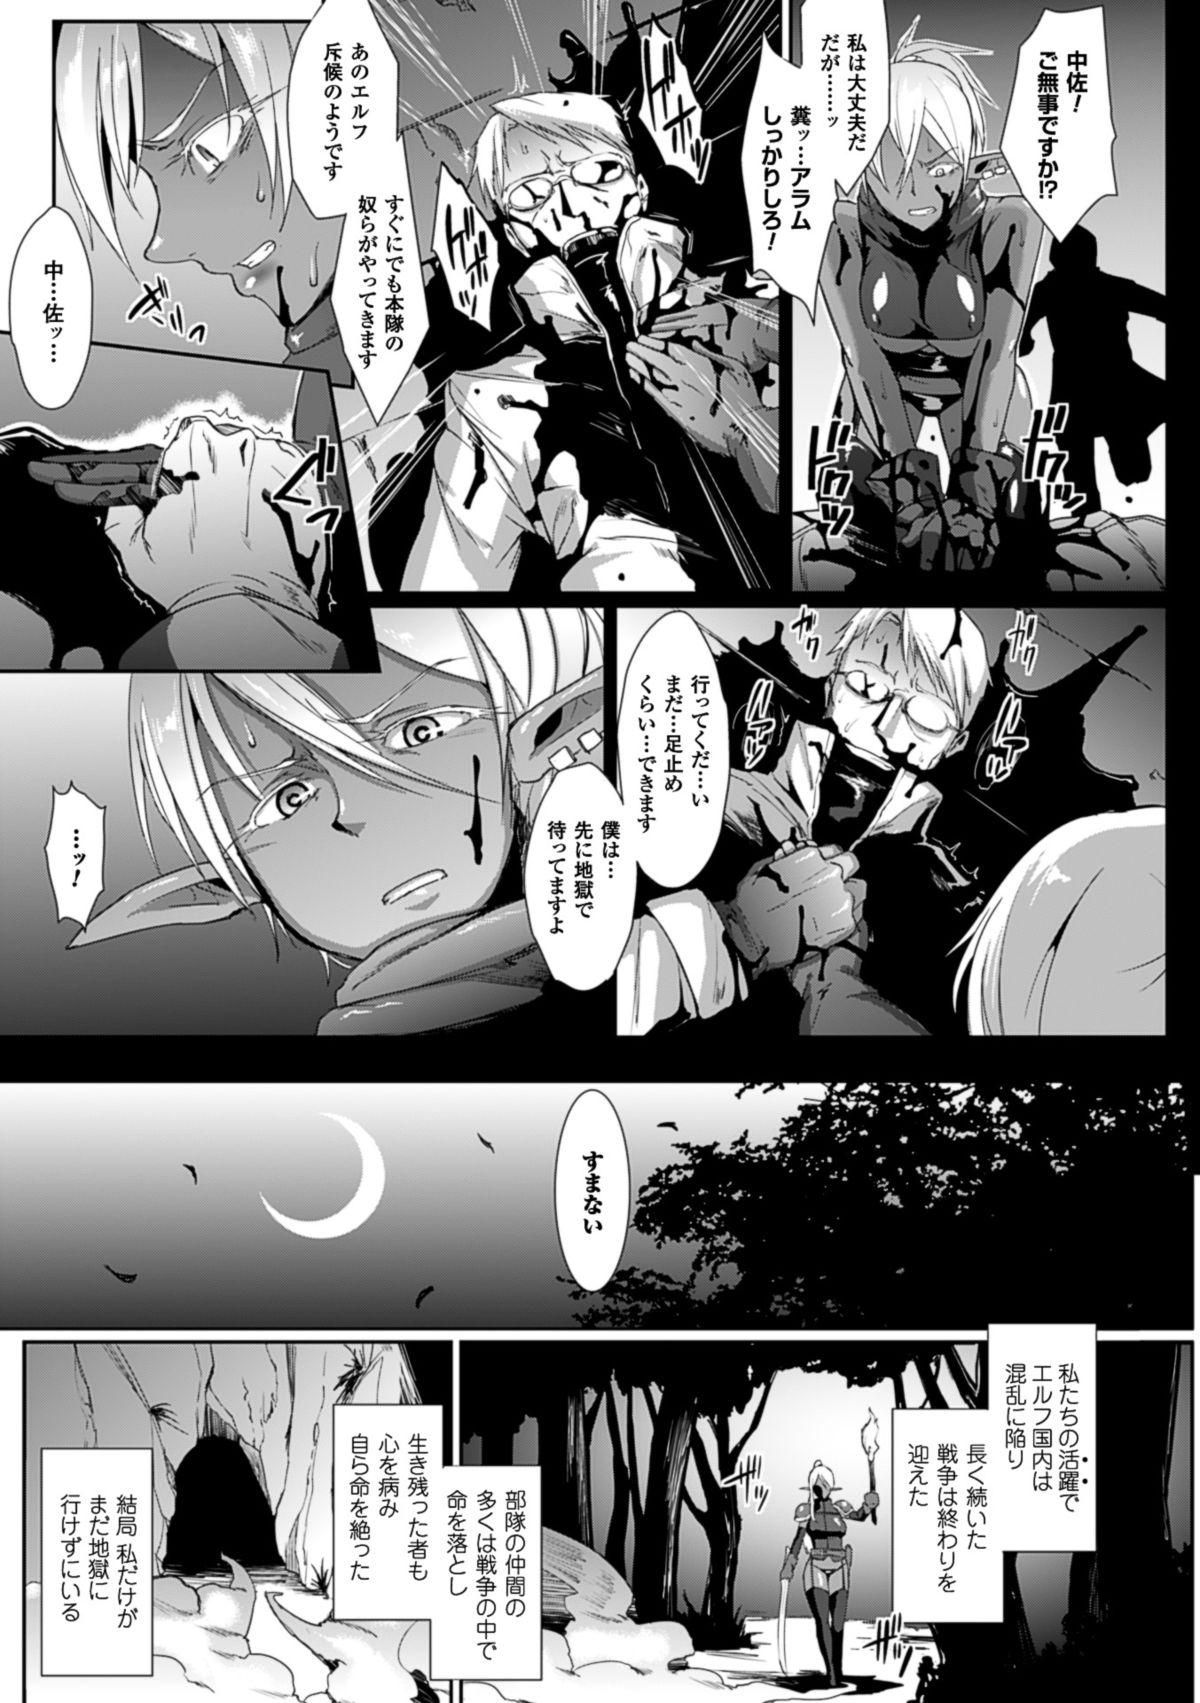 【エロ漫画】凛々しいダークエルフの女騎士…仲間を孕ませ続ける淫魔に立ち向かうも触手に捕われ凌辱されるwww【焔野一人:シェルショック】